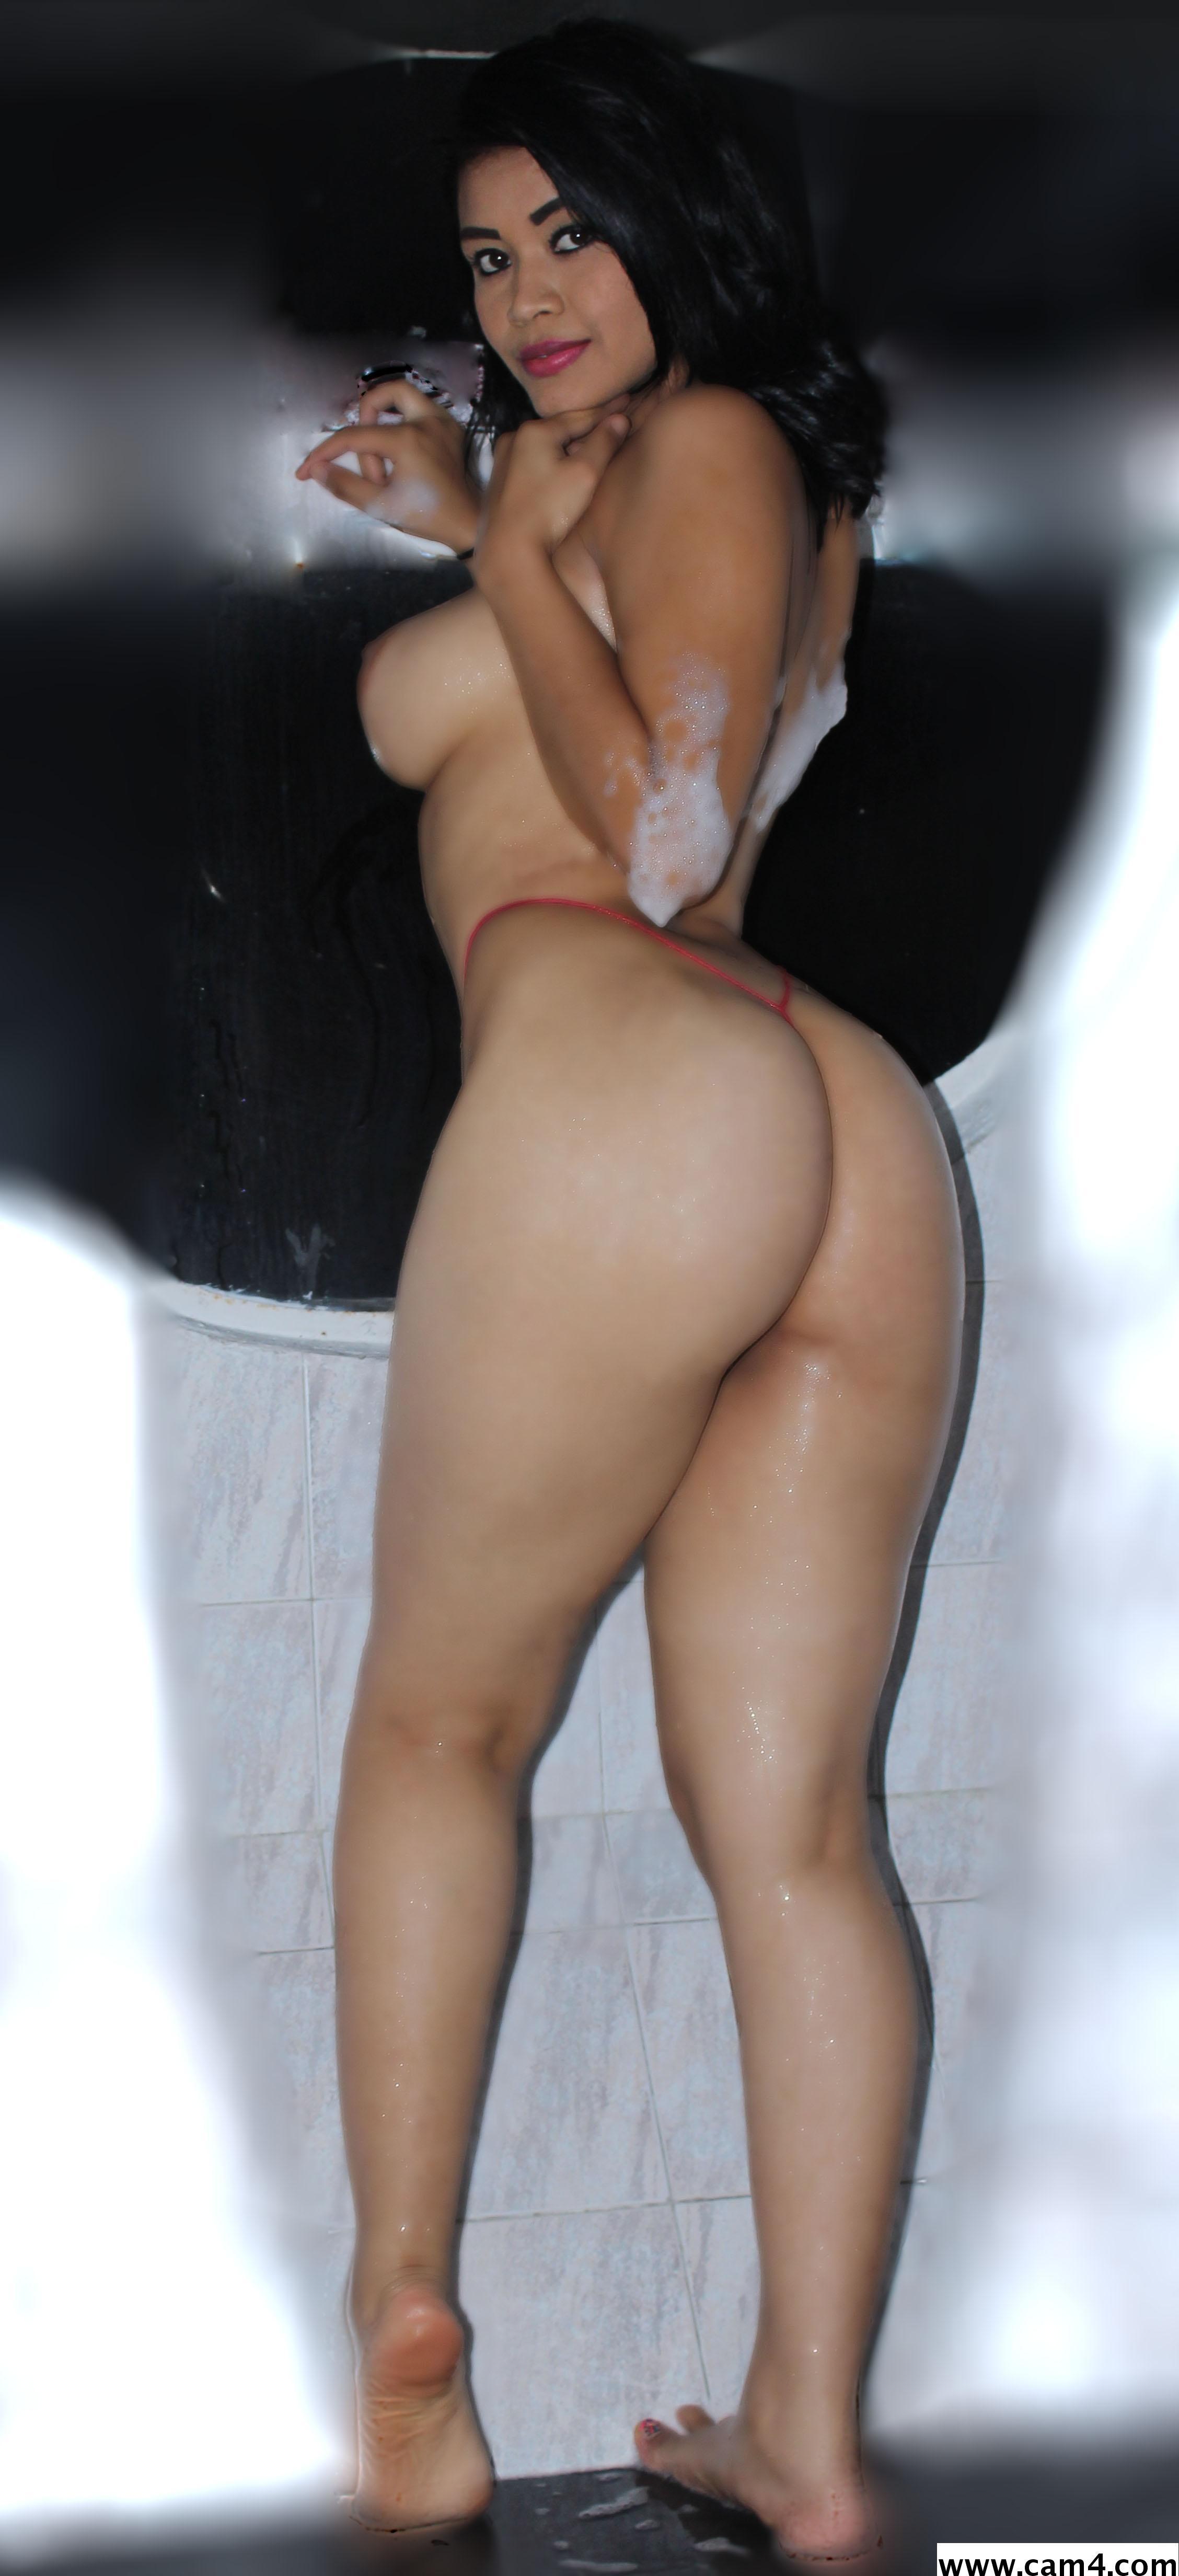 Sheer panty milf pink thong